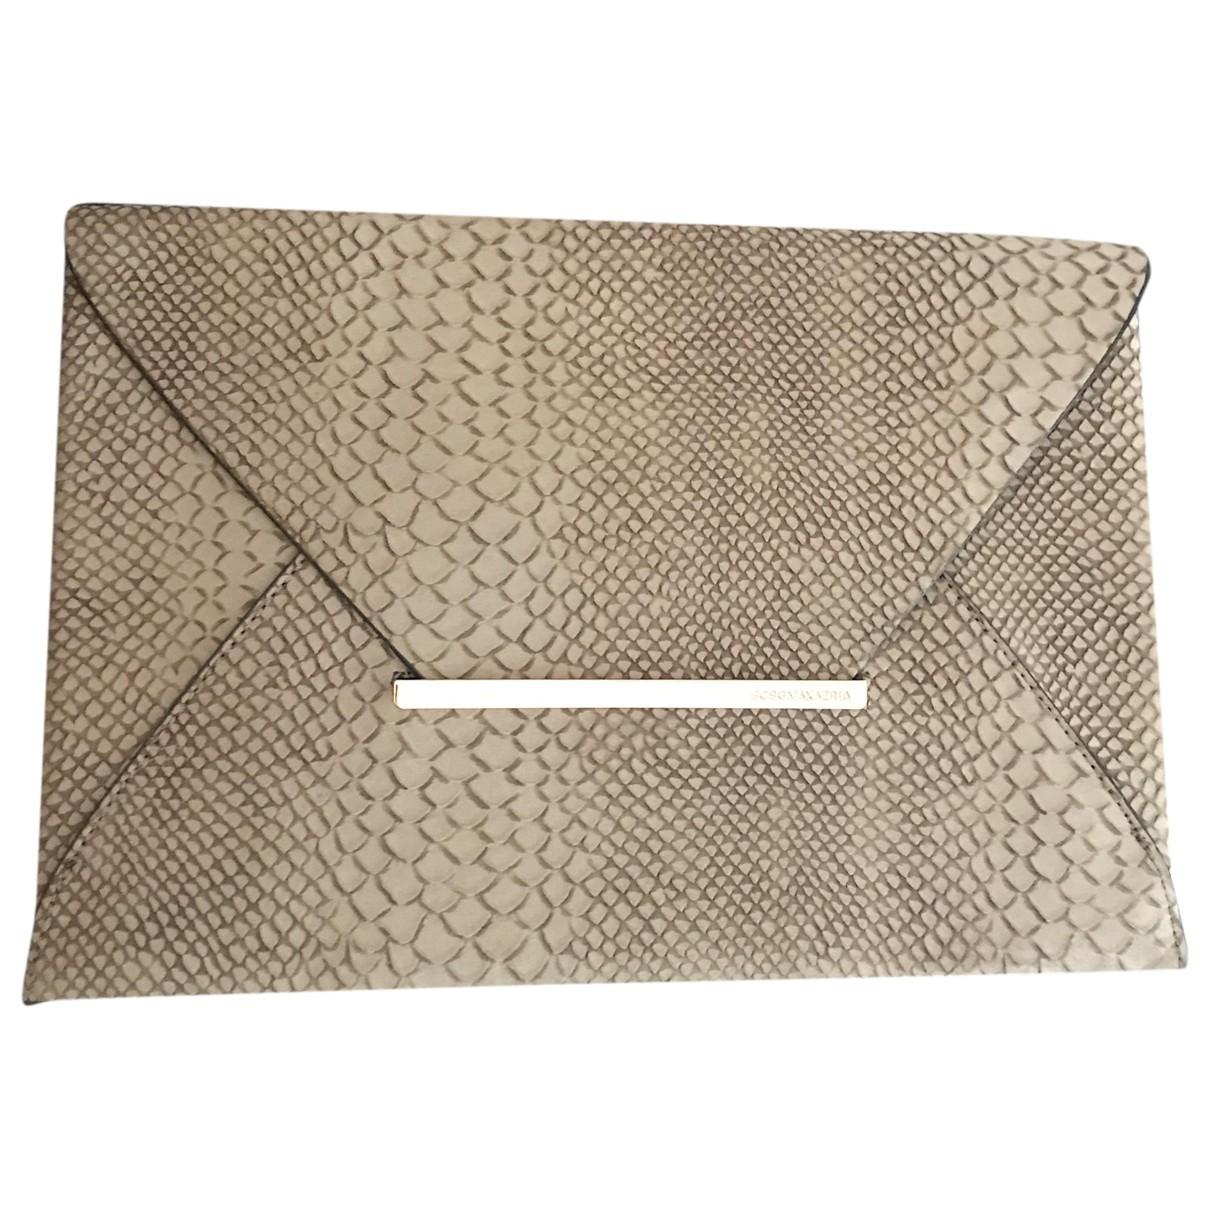 Bcbg Max Azria \N Brown Clutch bag for Women \N